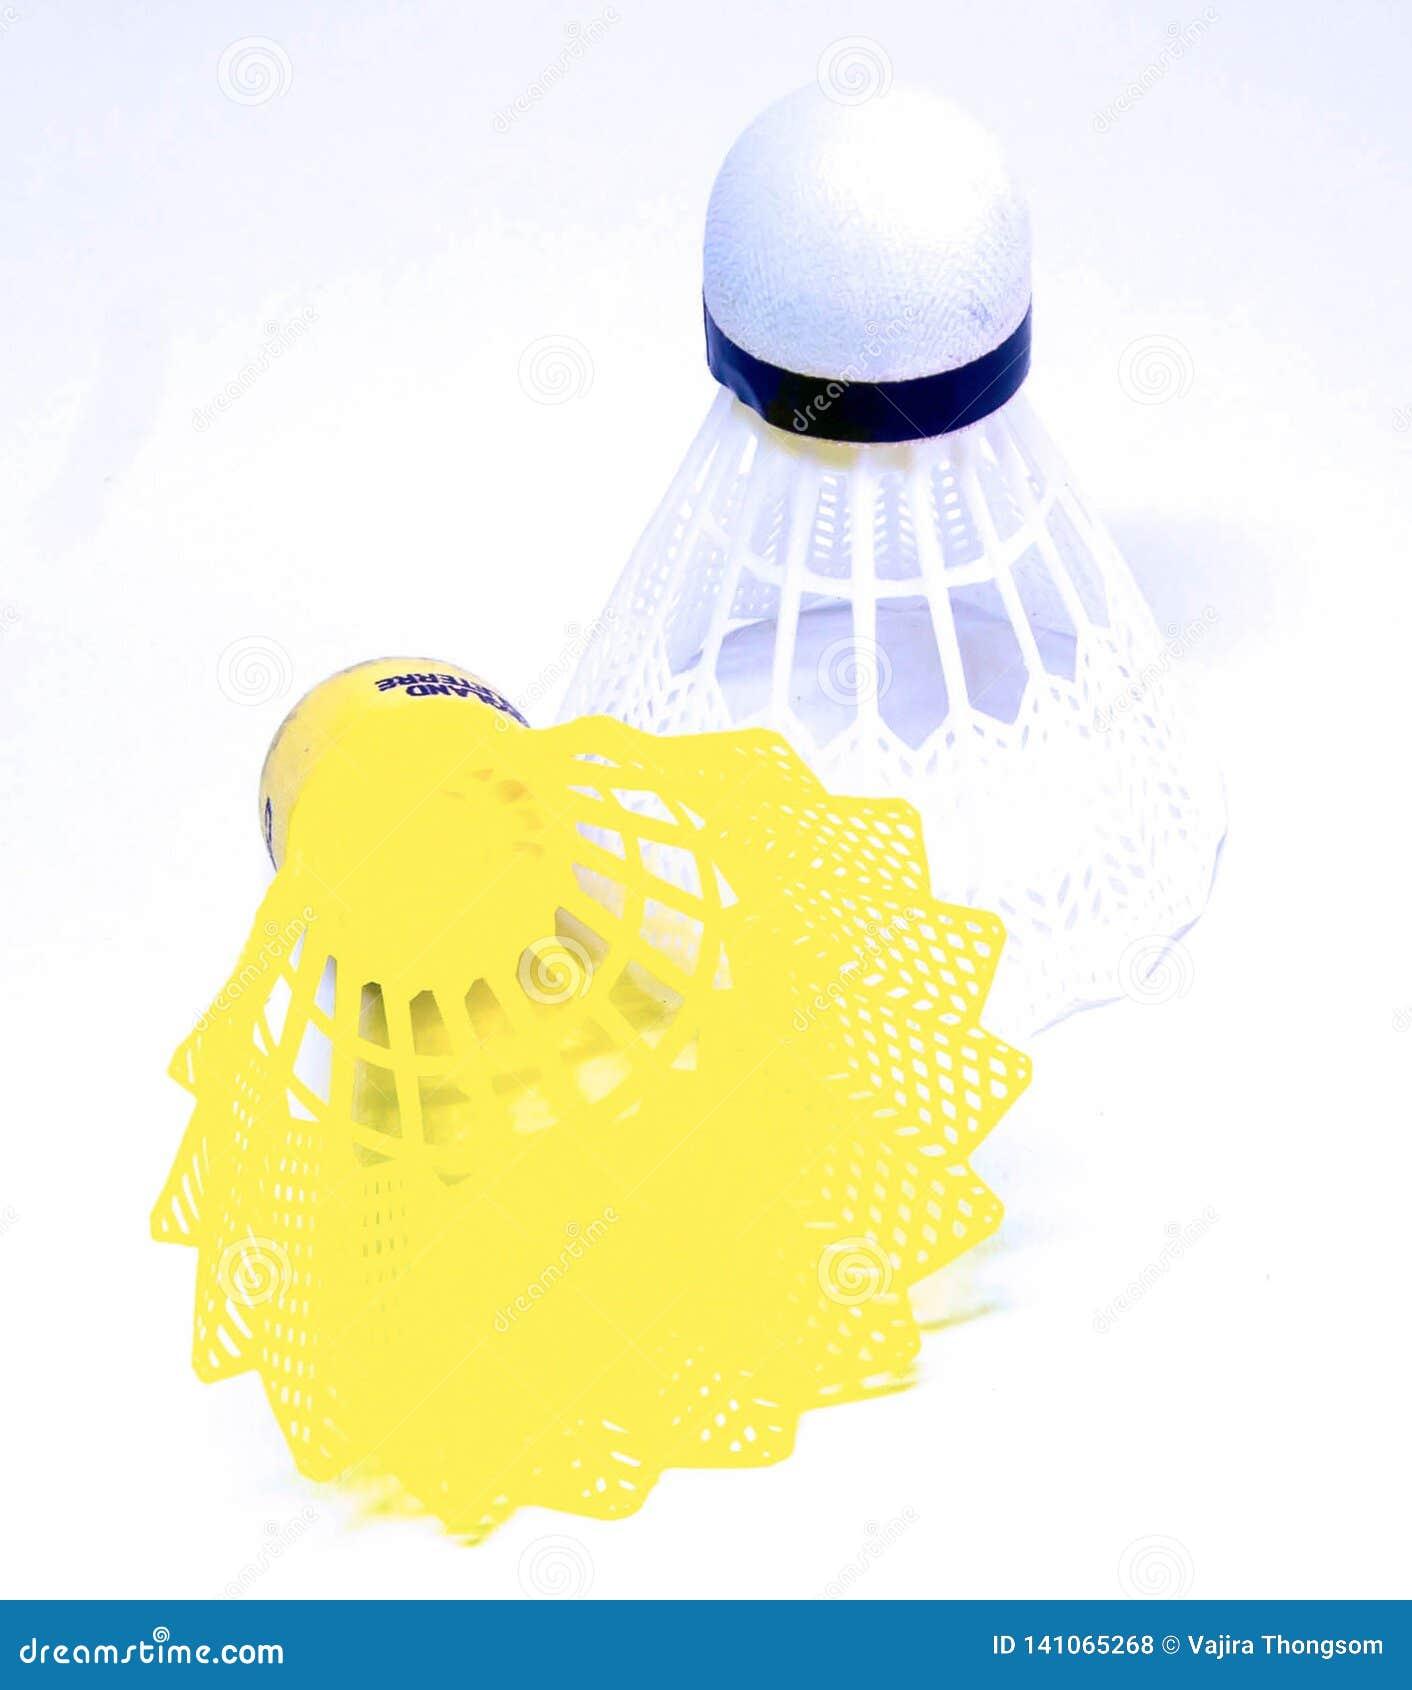 Badmintonbollar i vit och gul färg